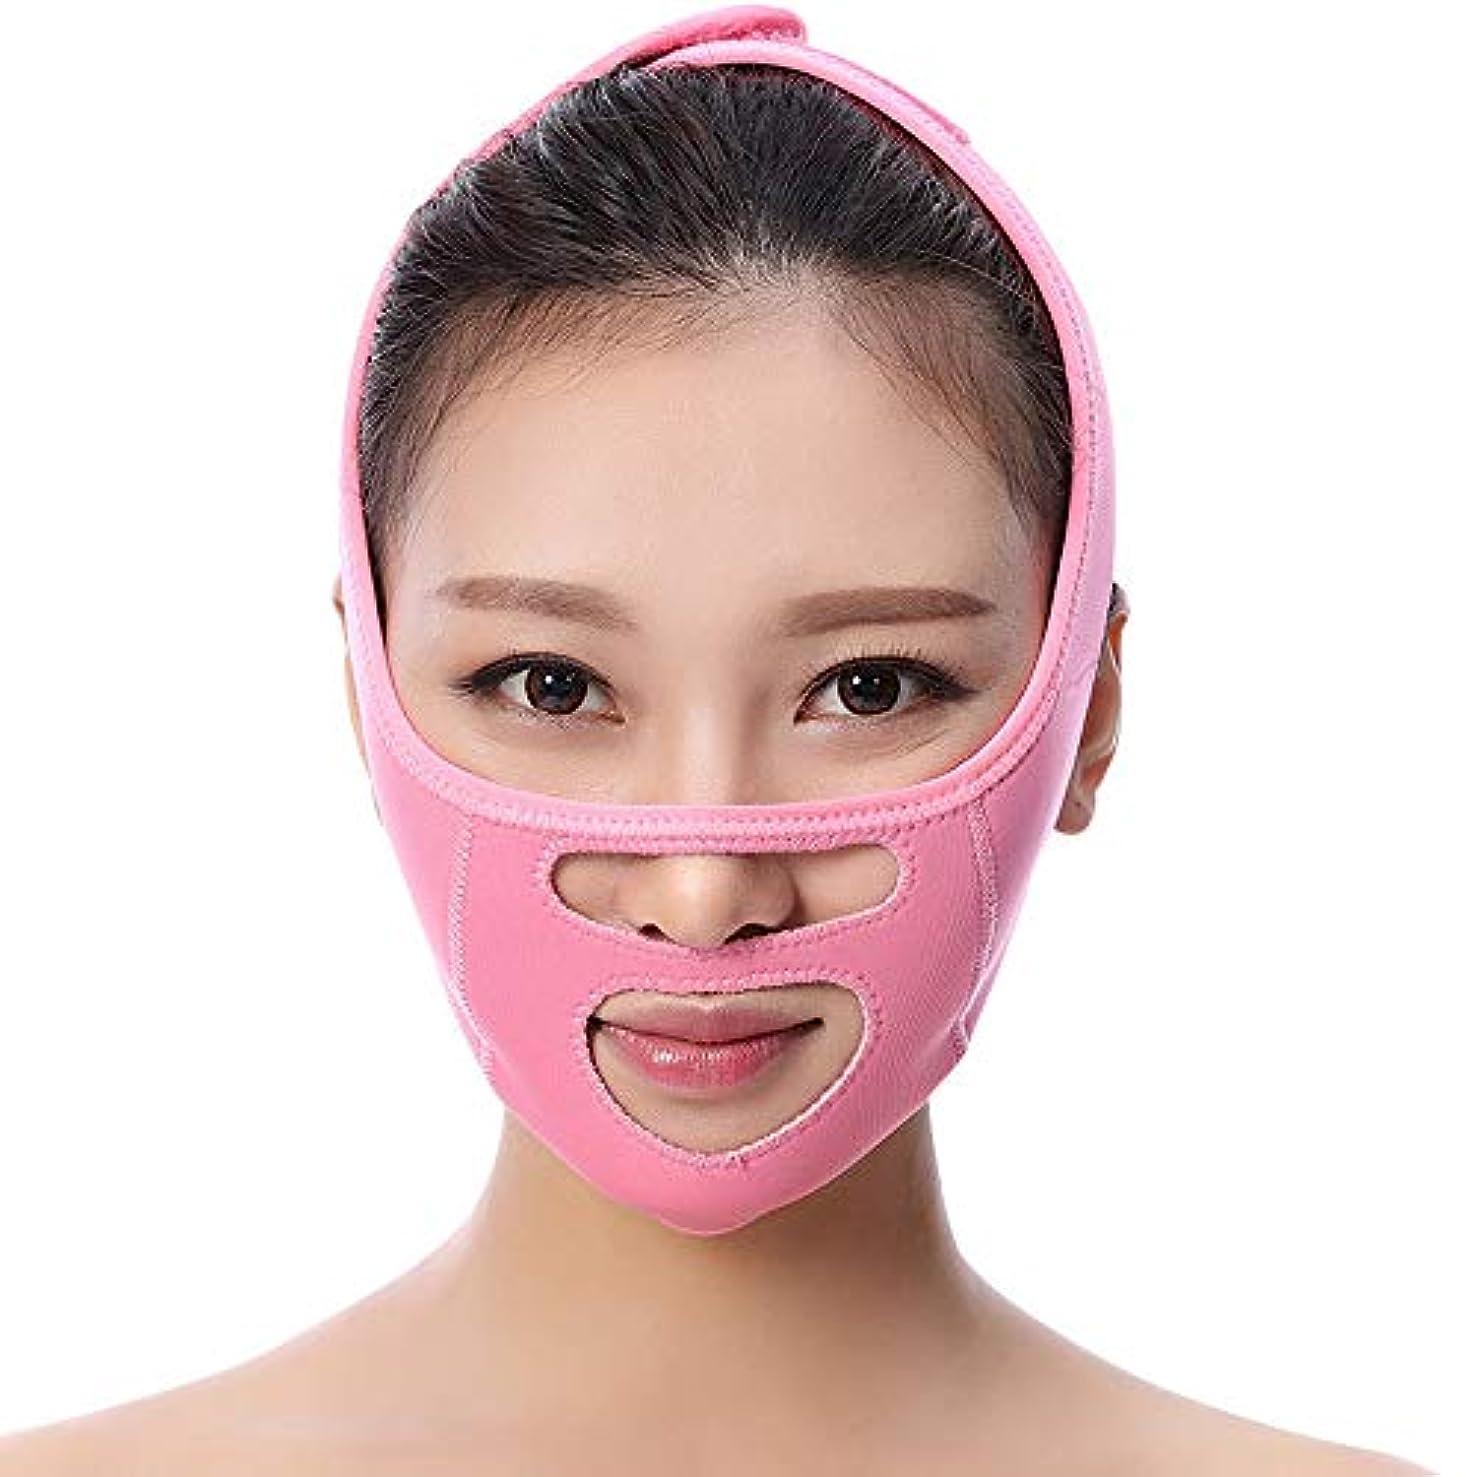 反論者祝福退却フェイスリフトマスク、睡眠薄型フェイスベルトリフティングパーマネントビューティーvフェイスバンデージダブルチンアーチファクト,Pink